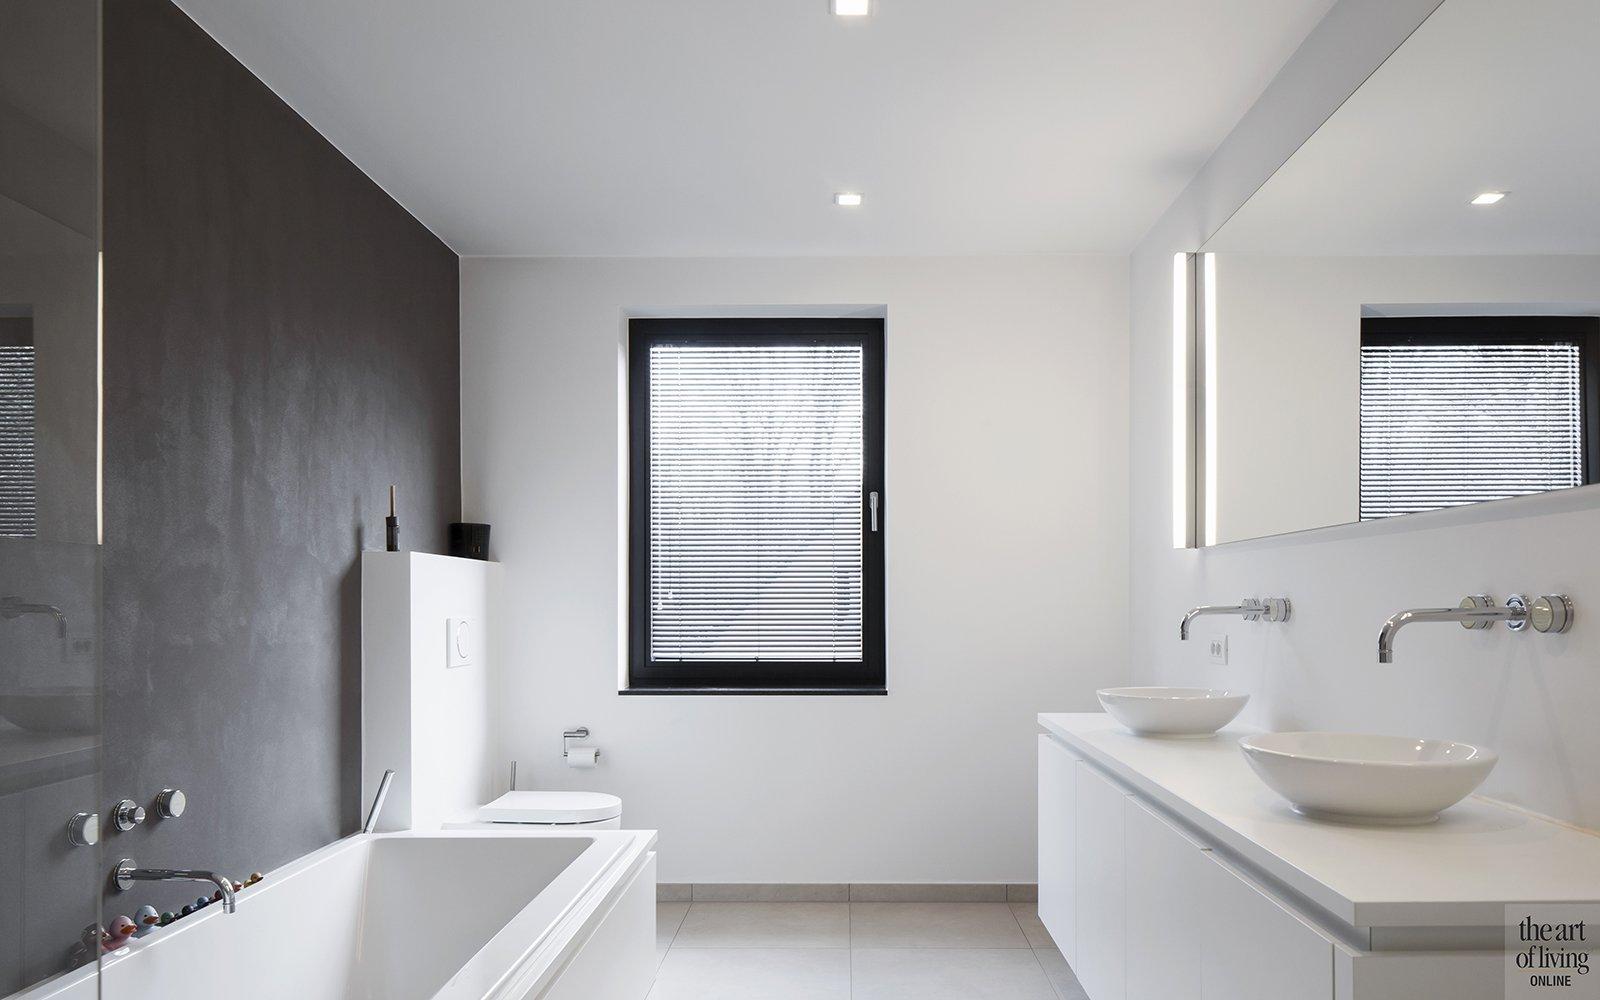 Architectenburo Berkein, badkamer, open haard, strak, modern, hedendaags, exclusief, The Art of Living Online